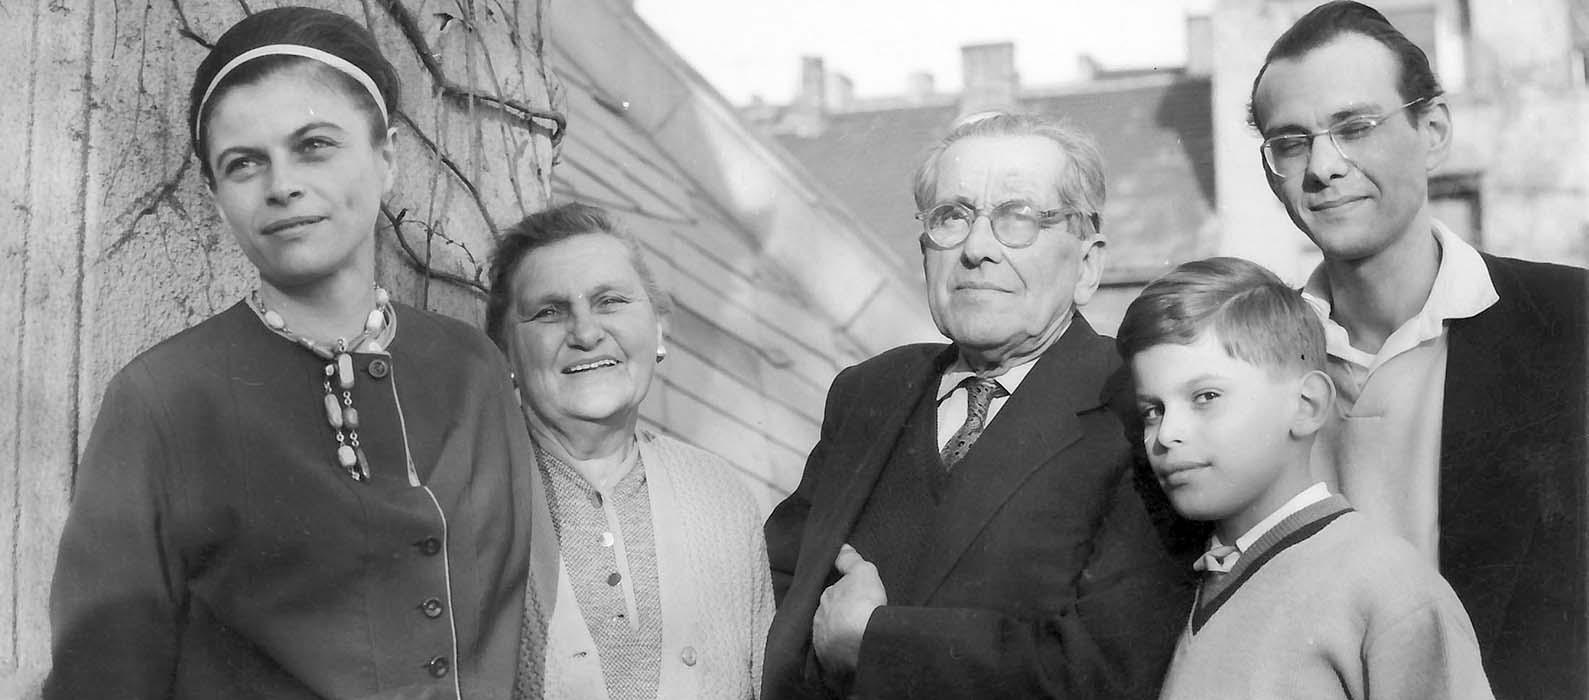 Jolán Borbély, Sr. Dr. György Martin and his wife, Péter Éri, György Martin. Budapest, 1964